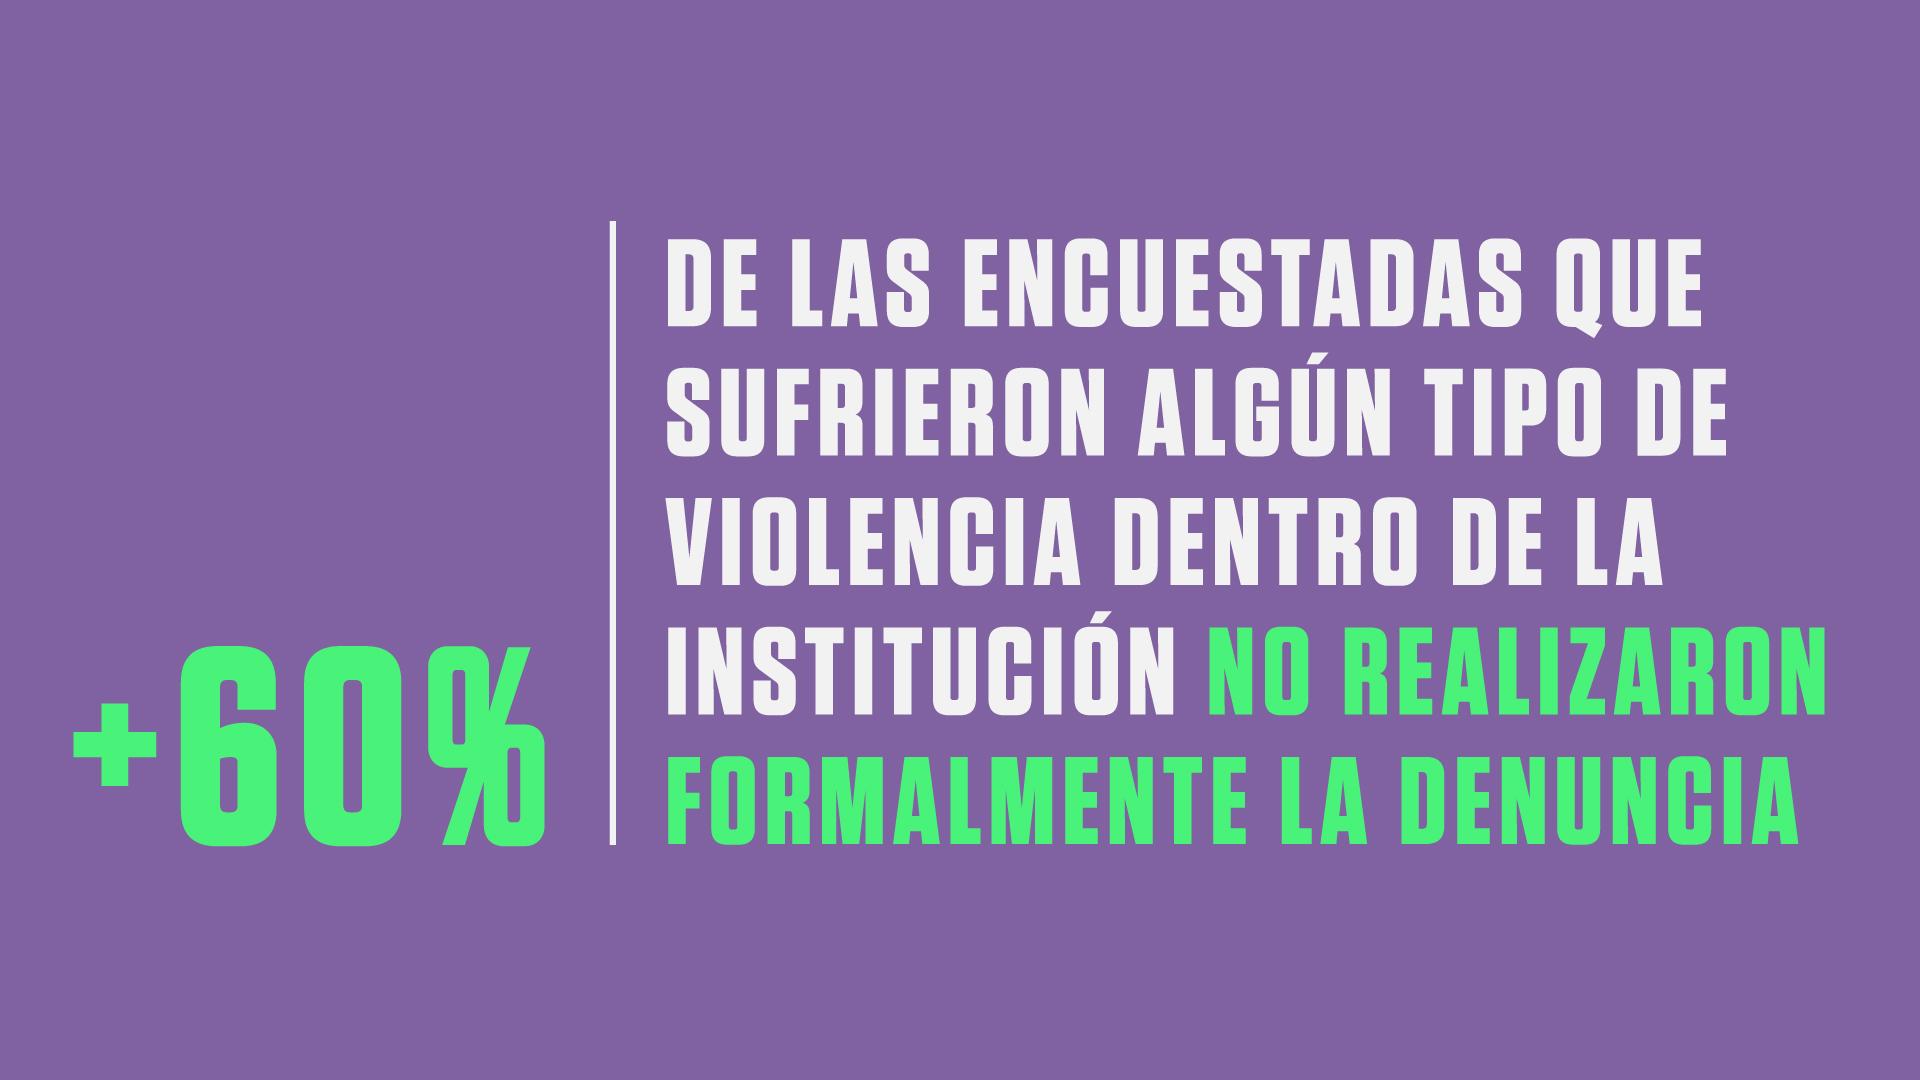 Policias-feministas_03